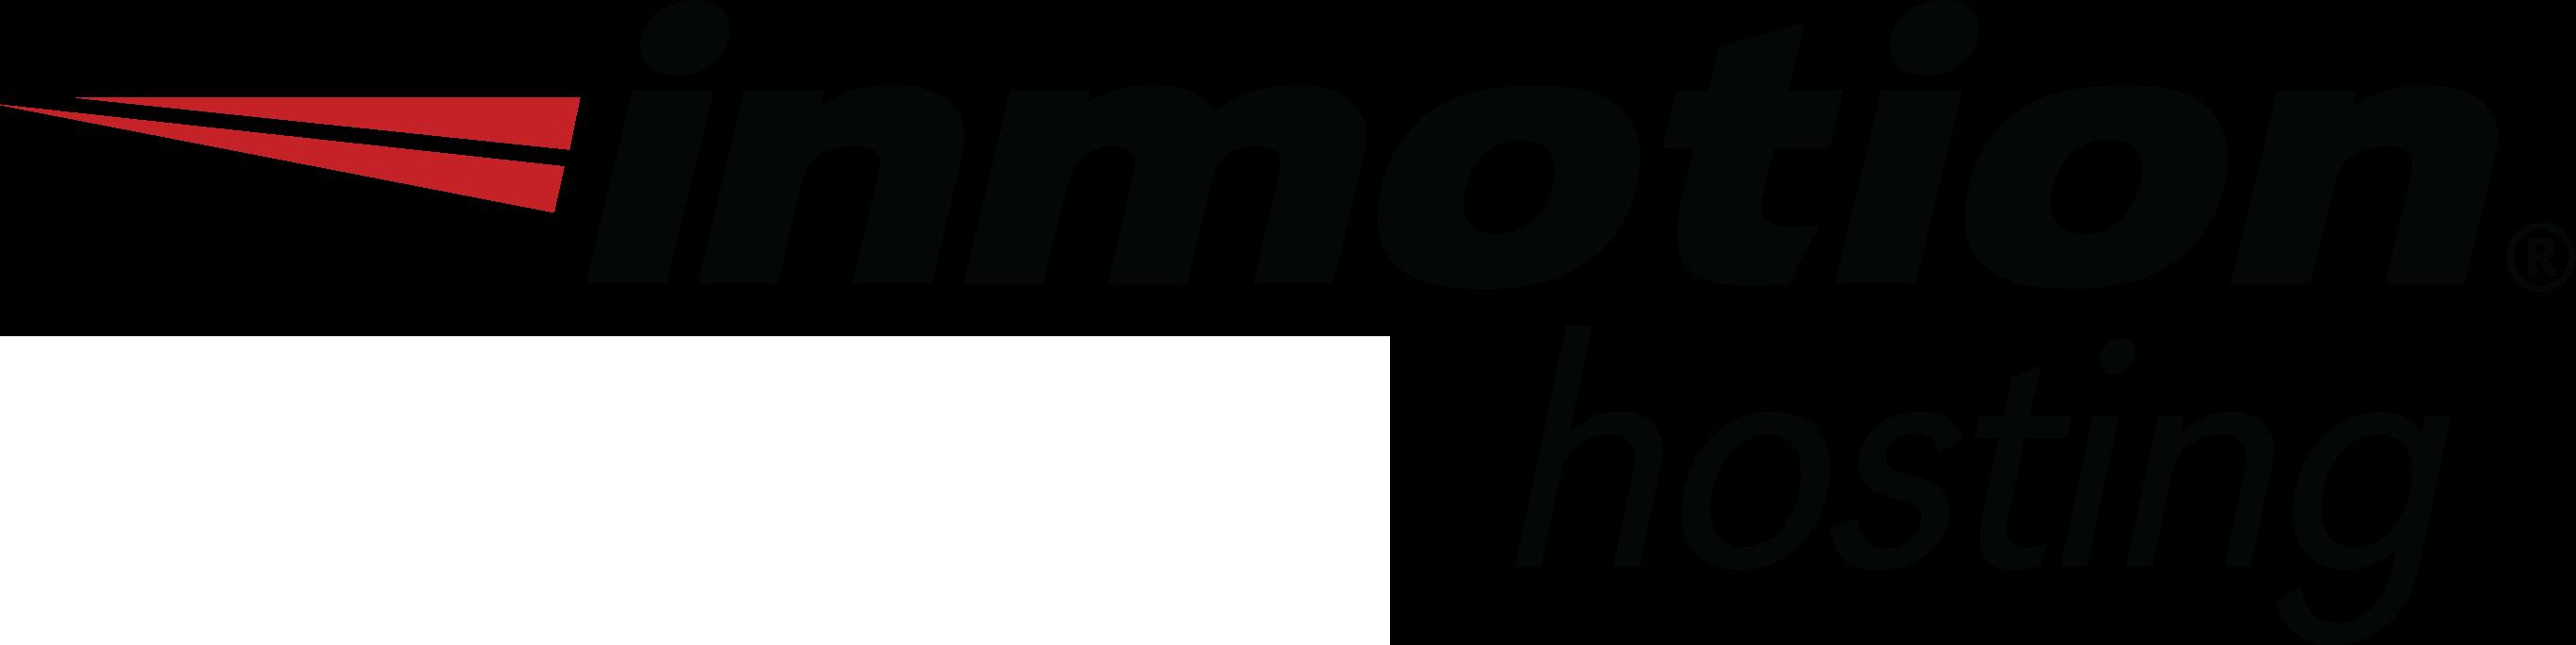 InMotion Hosting | Drupal.org